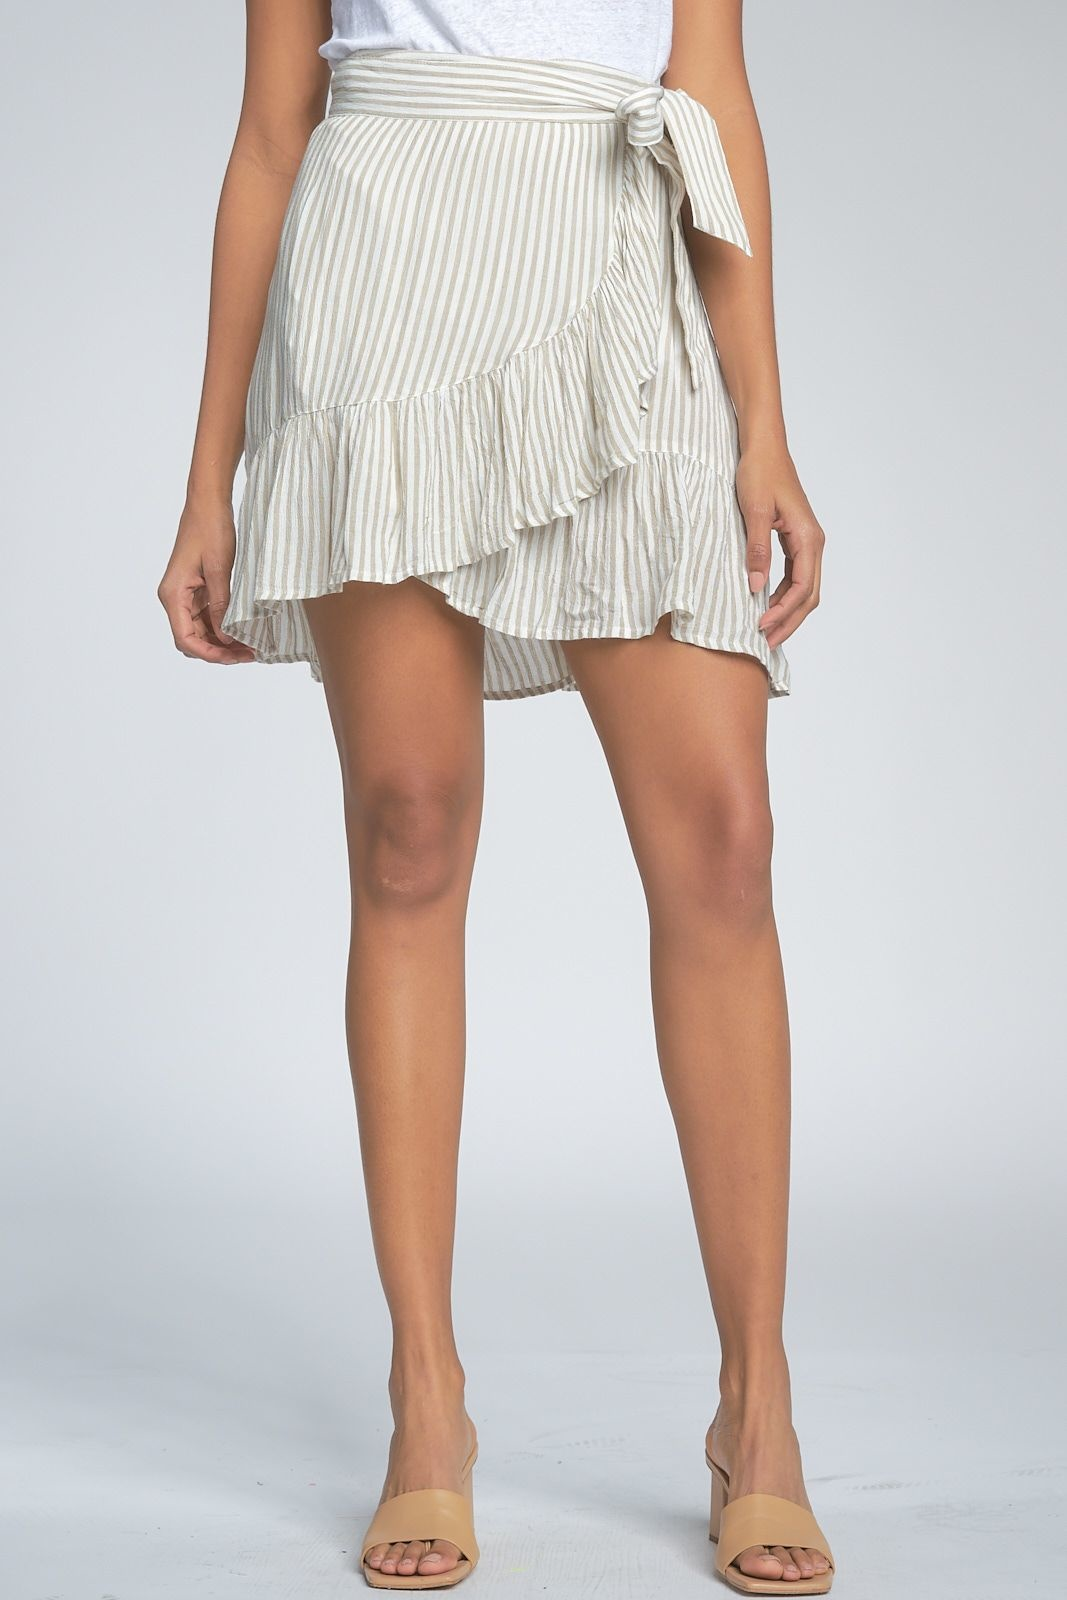 Elan Skirt Wrap w/ Ruffles